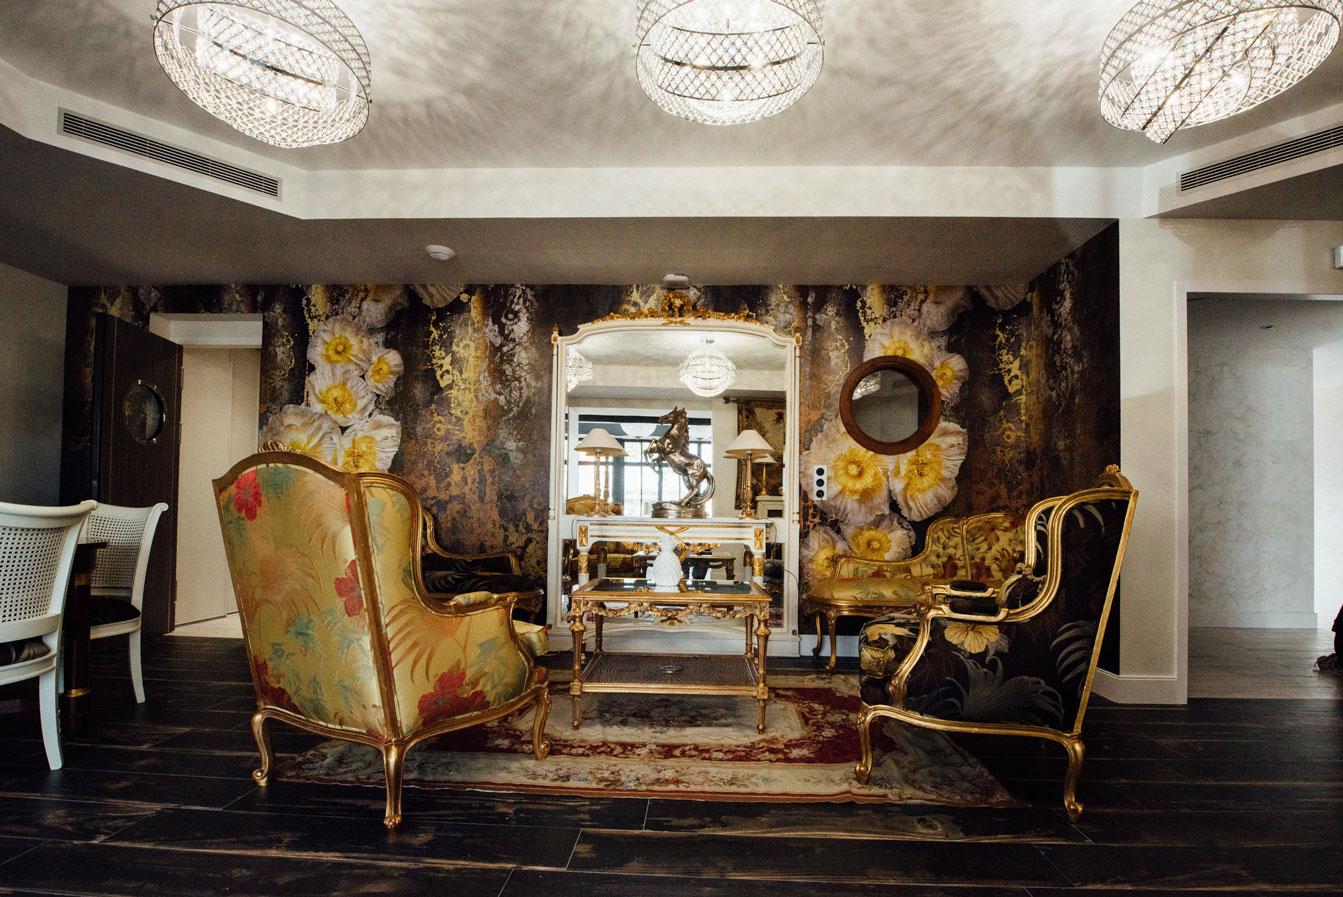 Salle commune, fauteuils, miroir, dorures | Amirauté Hôtel La Baule